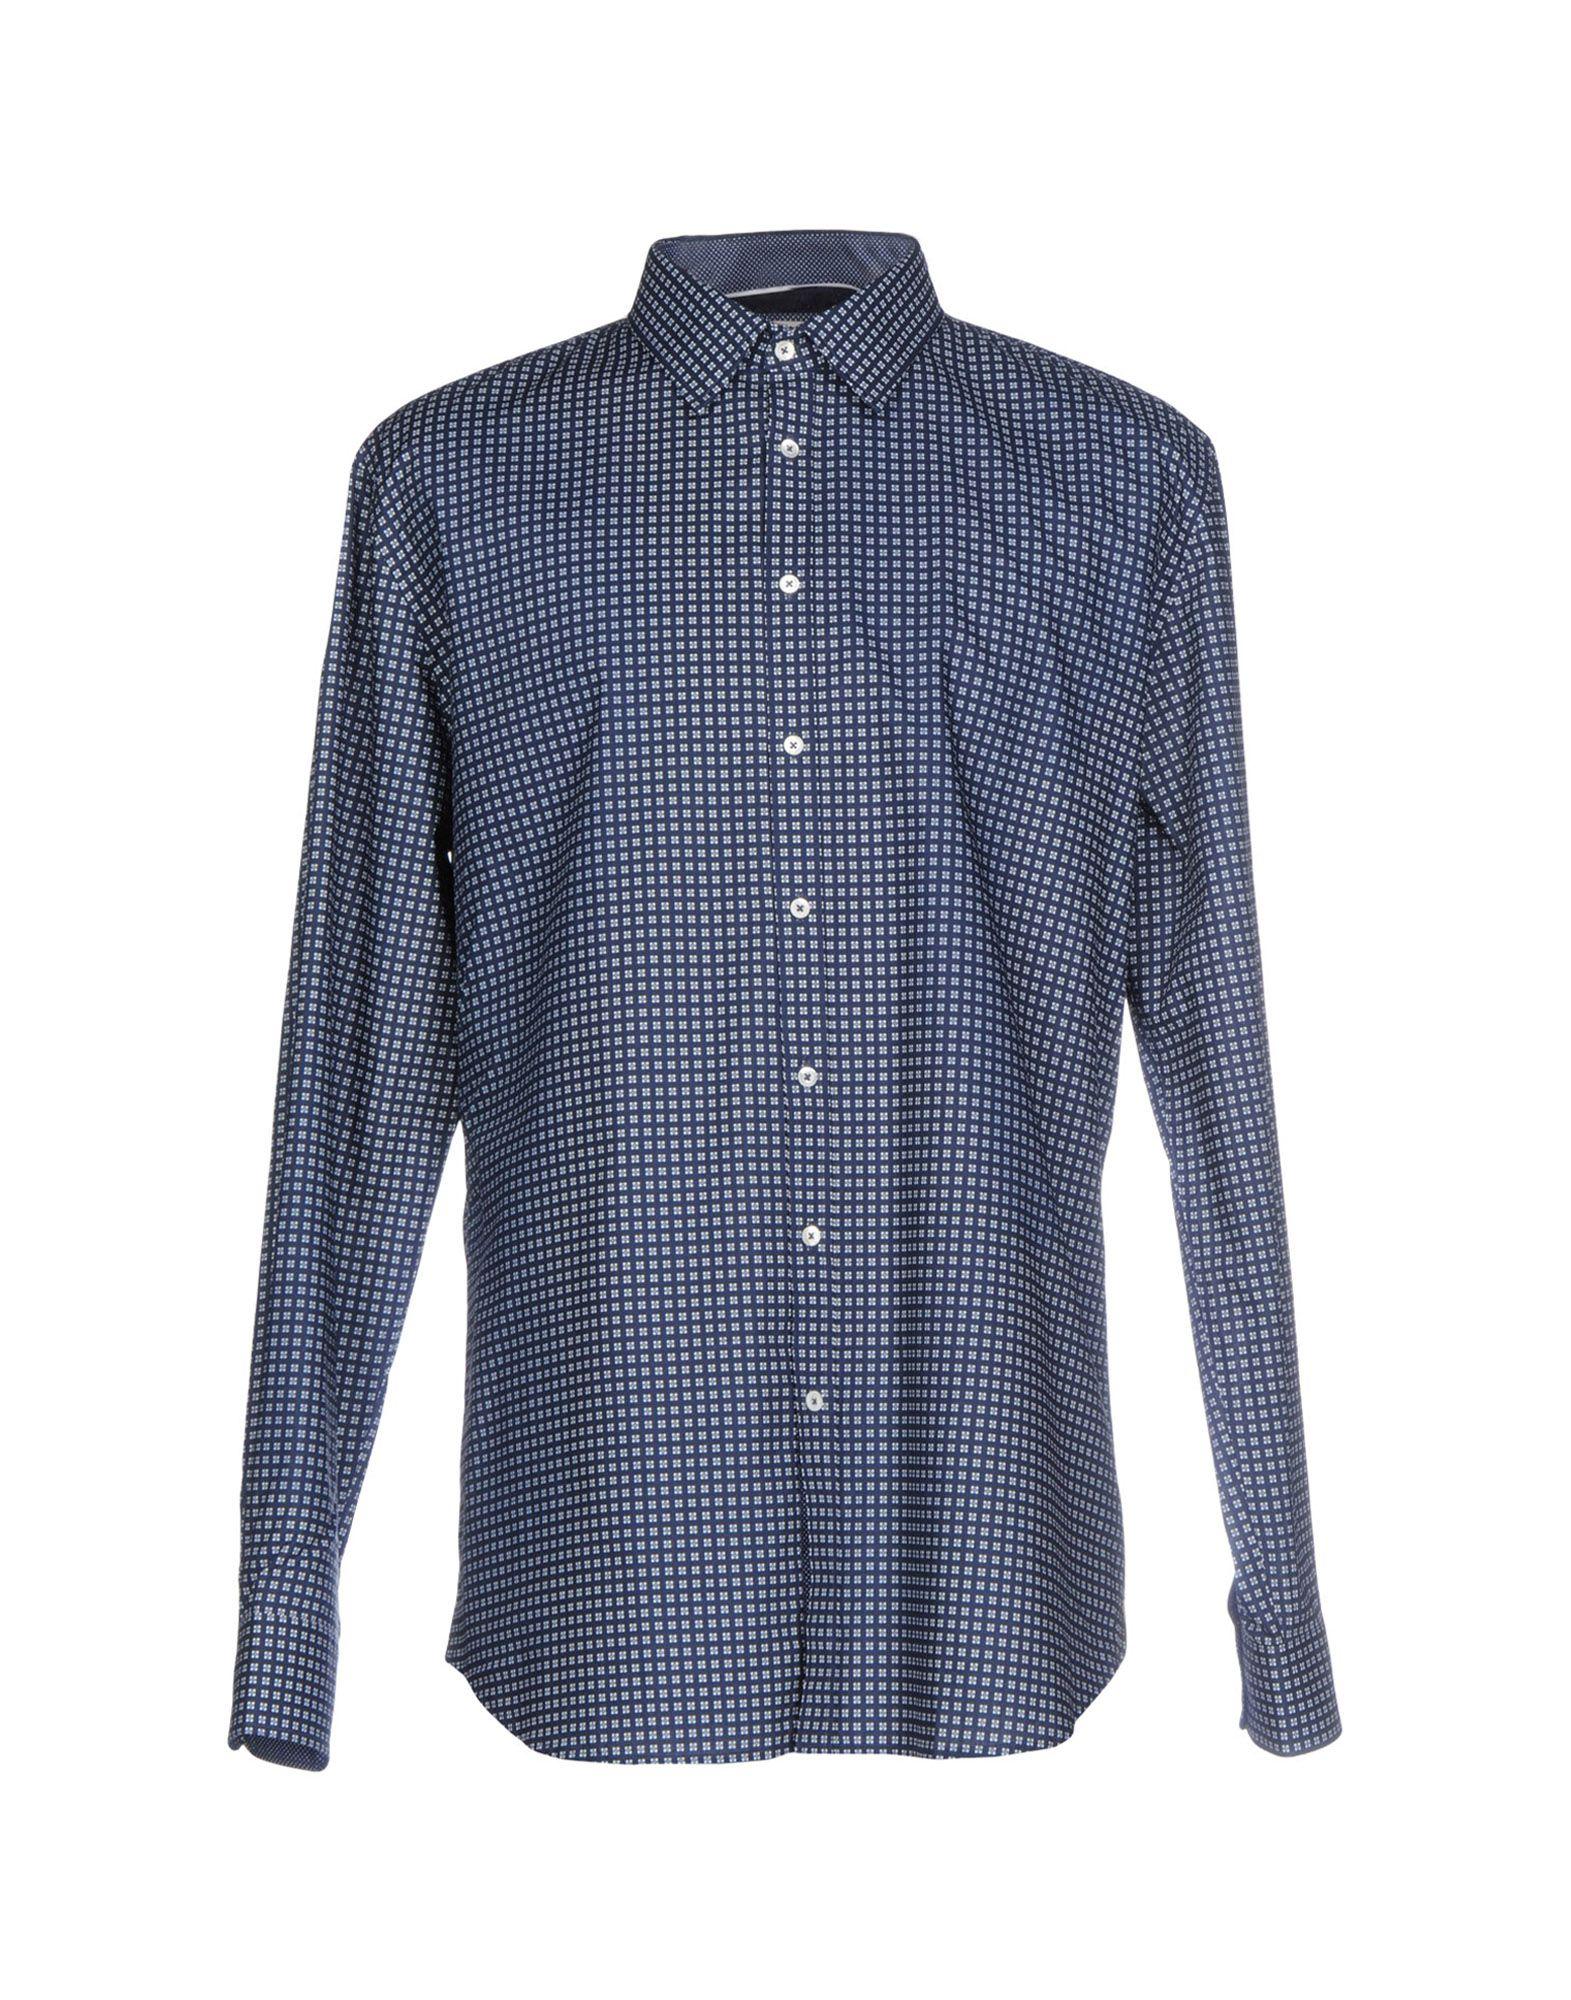 《送料無料》Q1 メンズ シャツ ダークブルー 46 コットン 100%